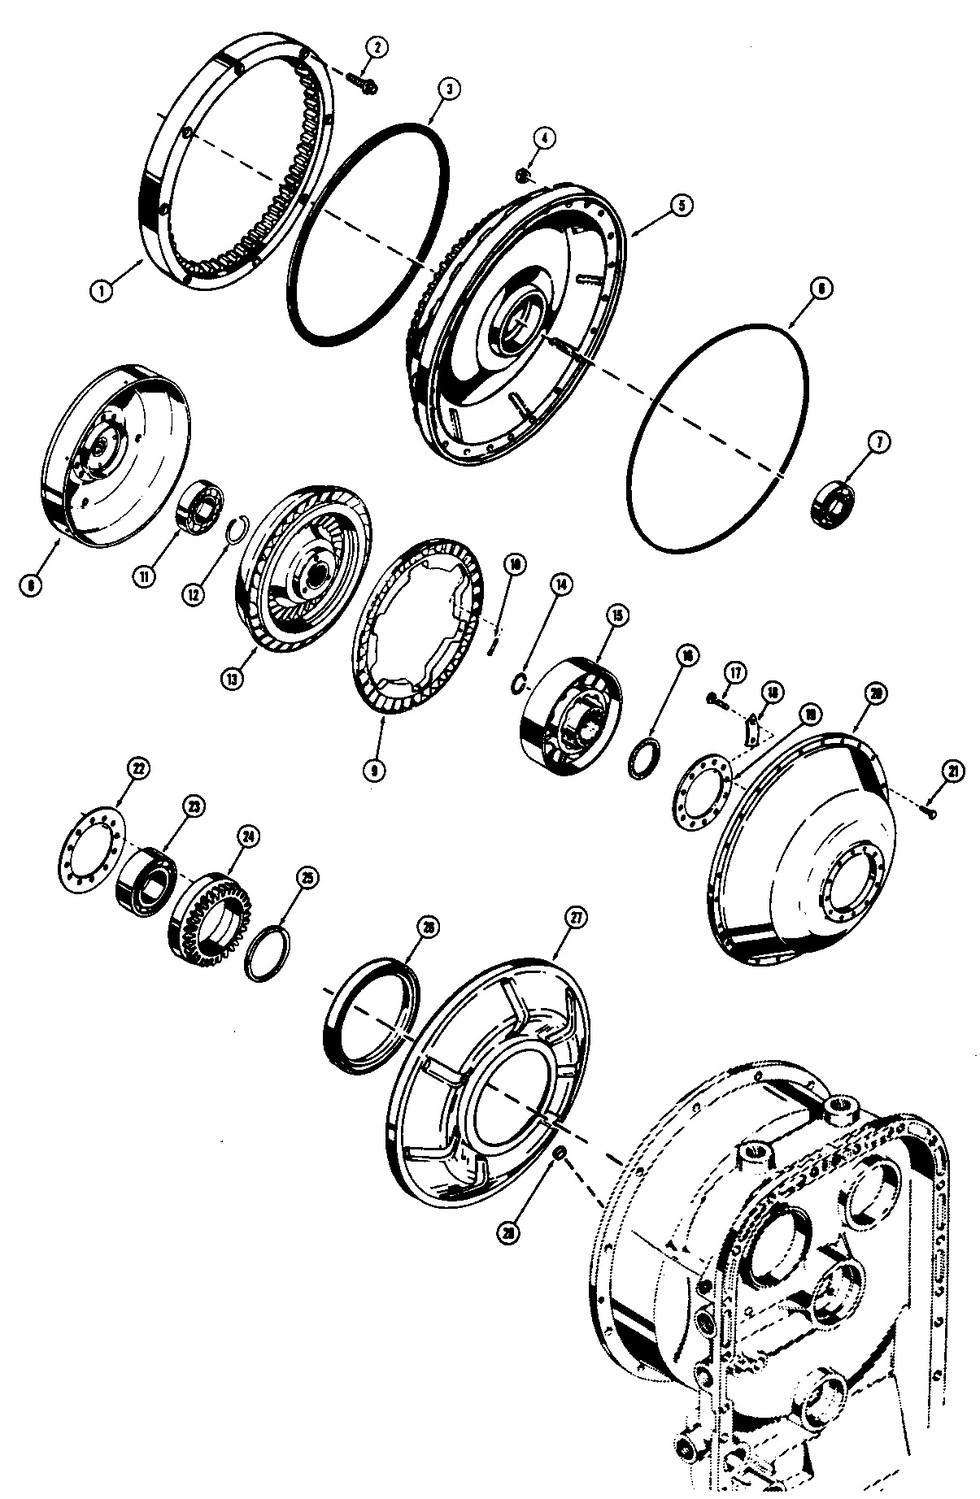 Borg Warner Transmission Parts >> CASE W24 PARTS - LES MACHINERIES ST-AMANT INC.